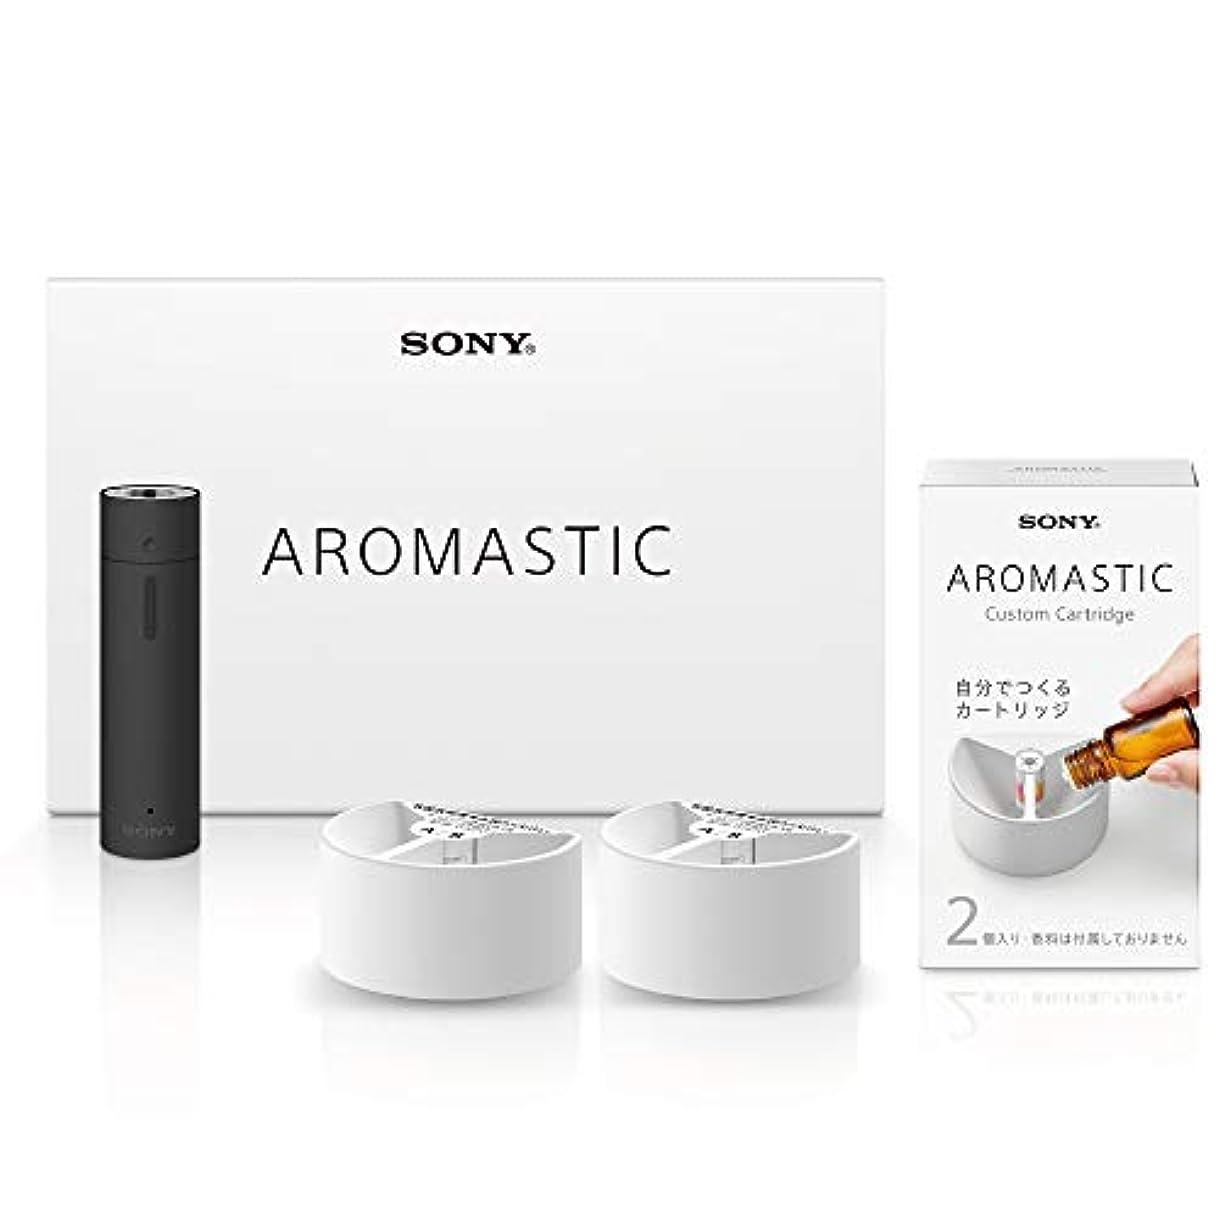 眠る拡張代数AROMASTIC Gift Box(ギフトボックス) B001